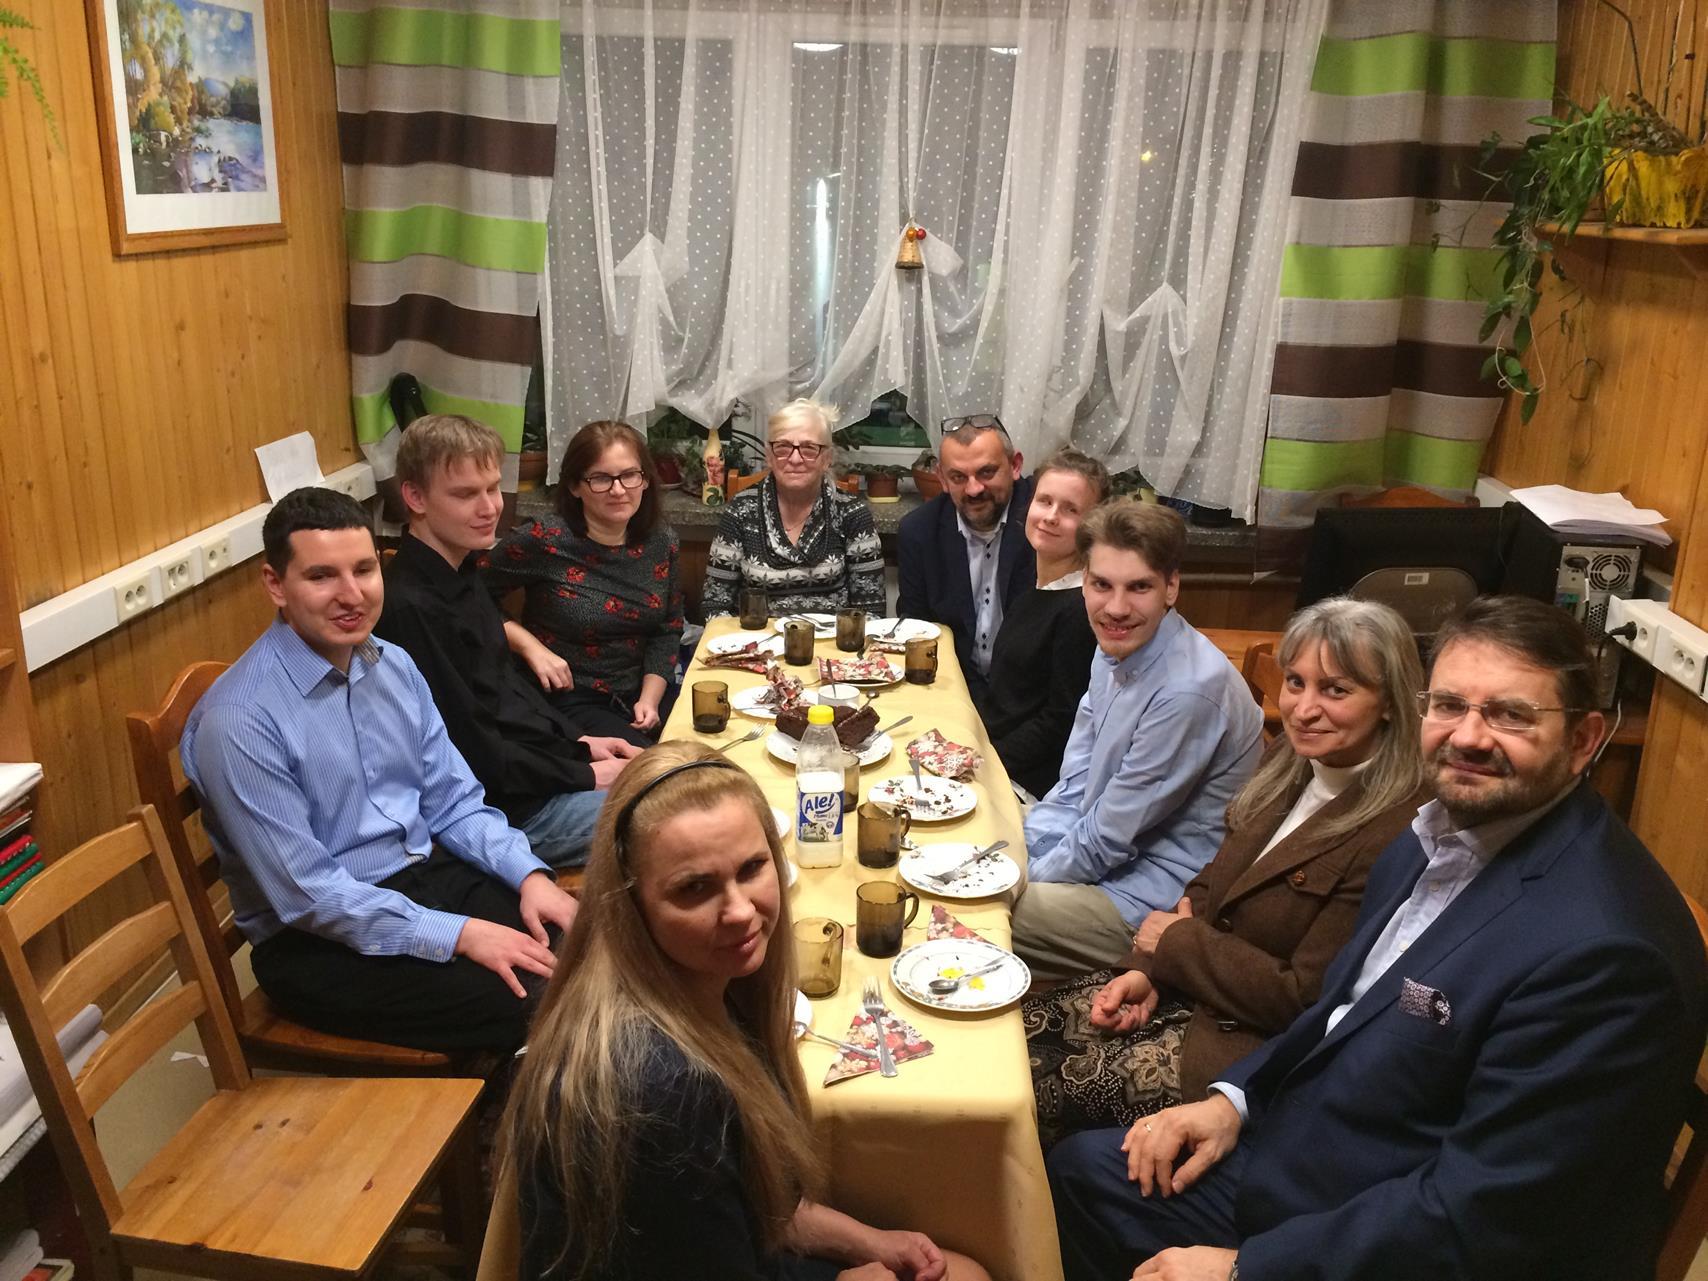 Przy stolę siedzi 10 osób, wszyscy się uśmiechają.